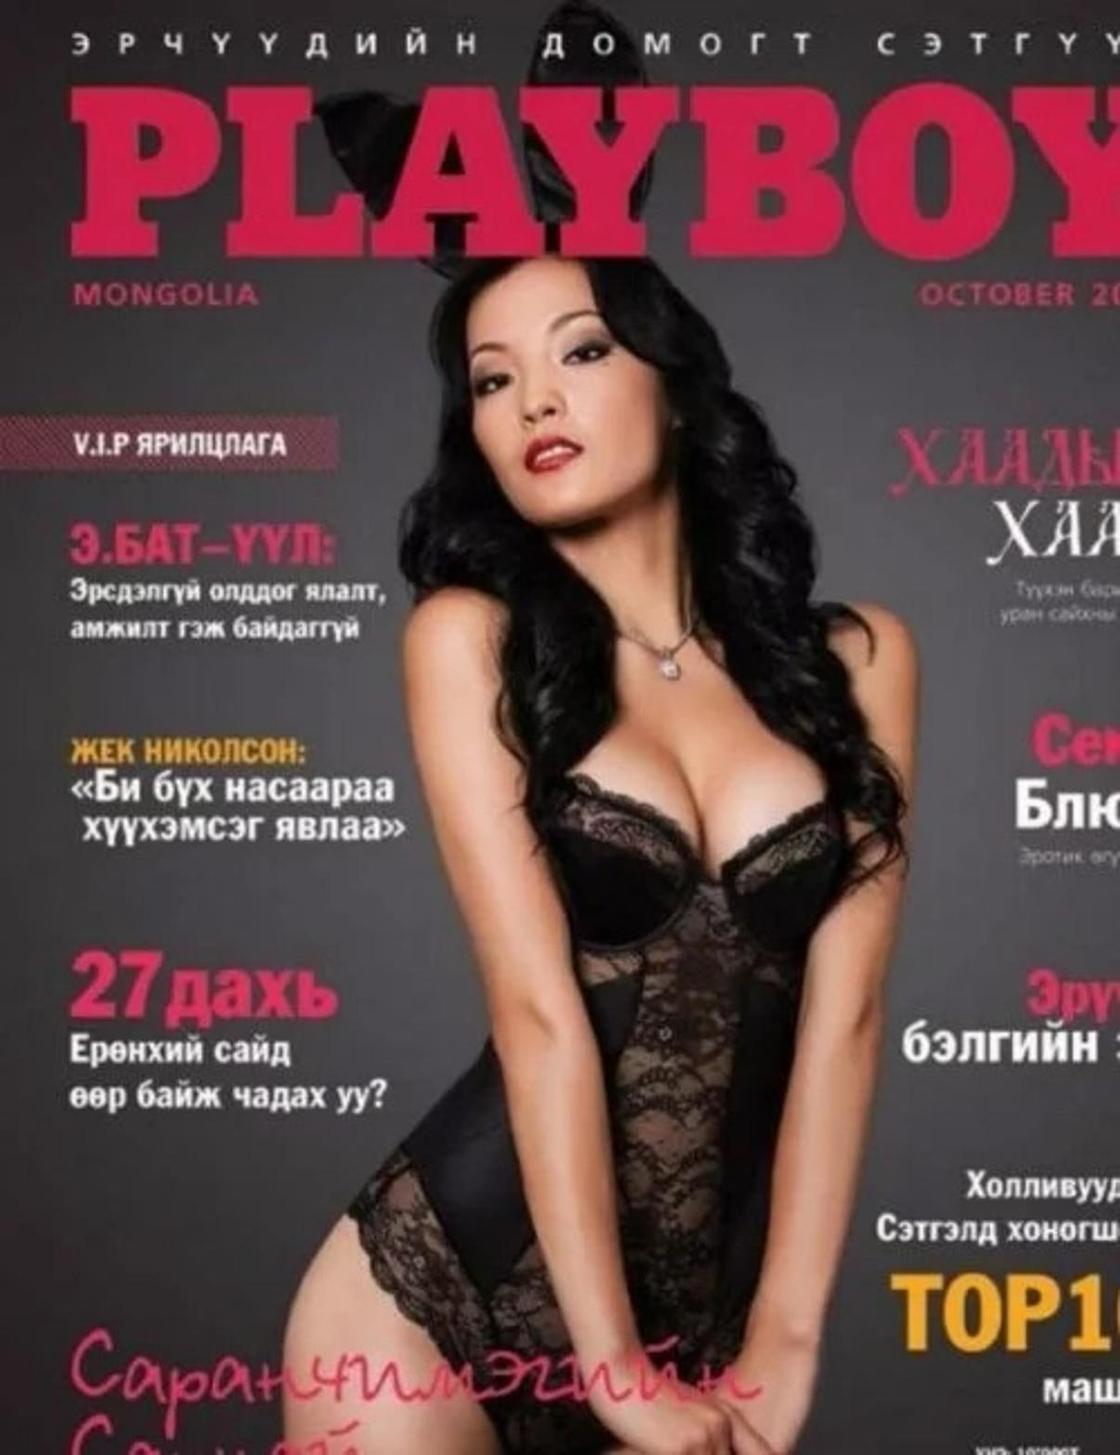 Мечта кочевника: самые желанные красотки монгольского Playboy